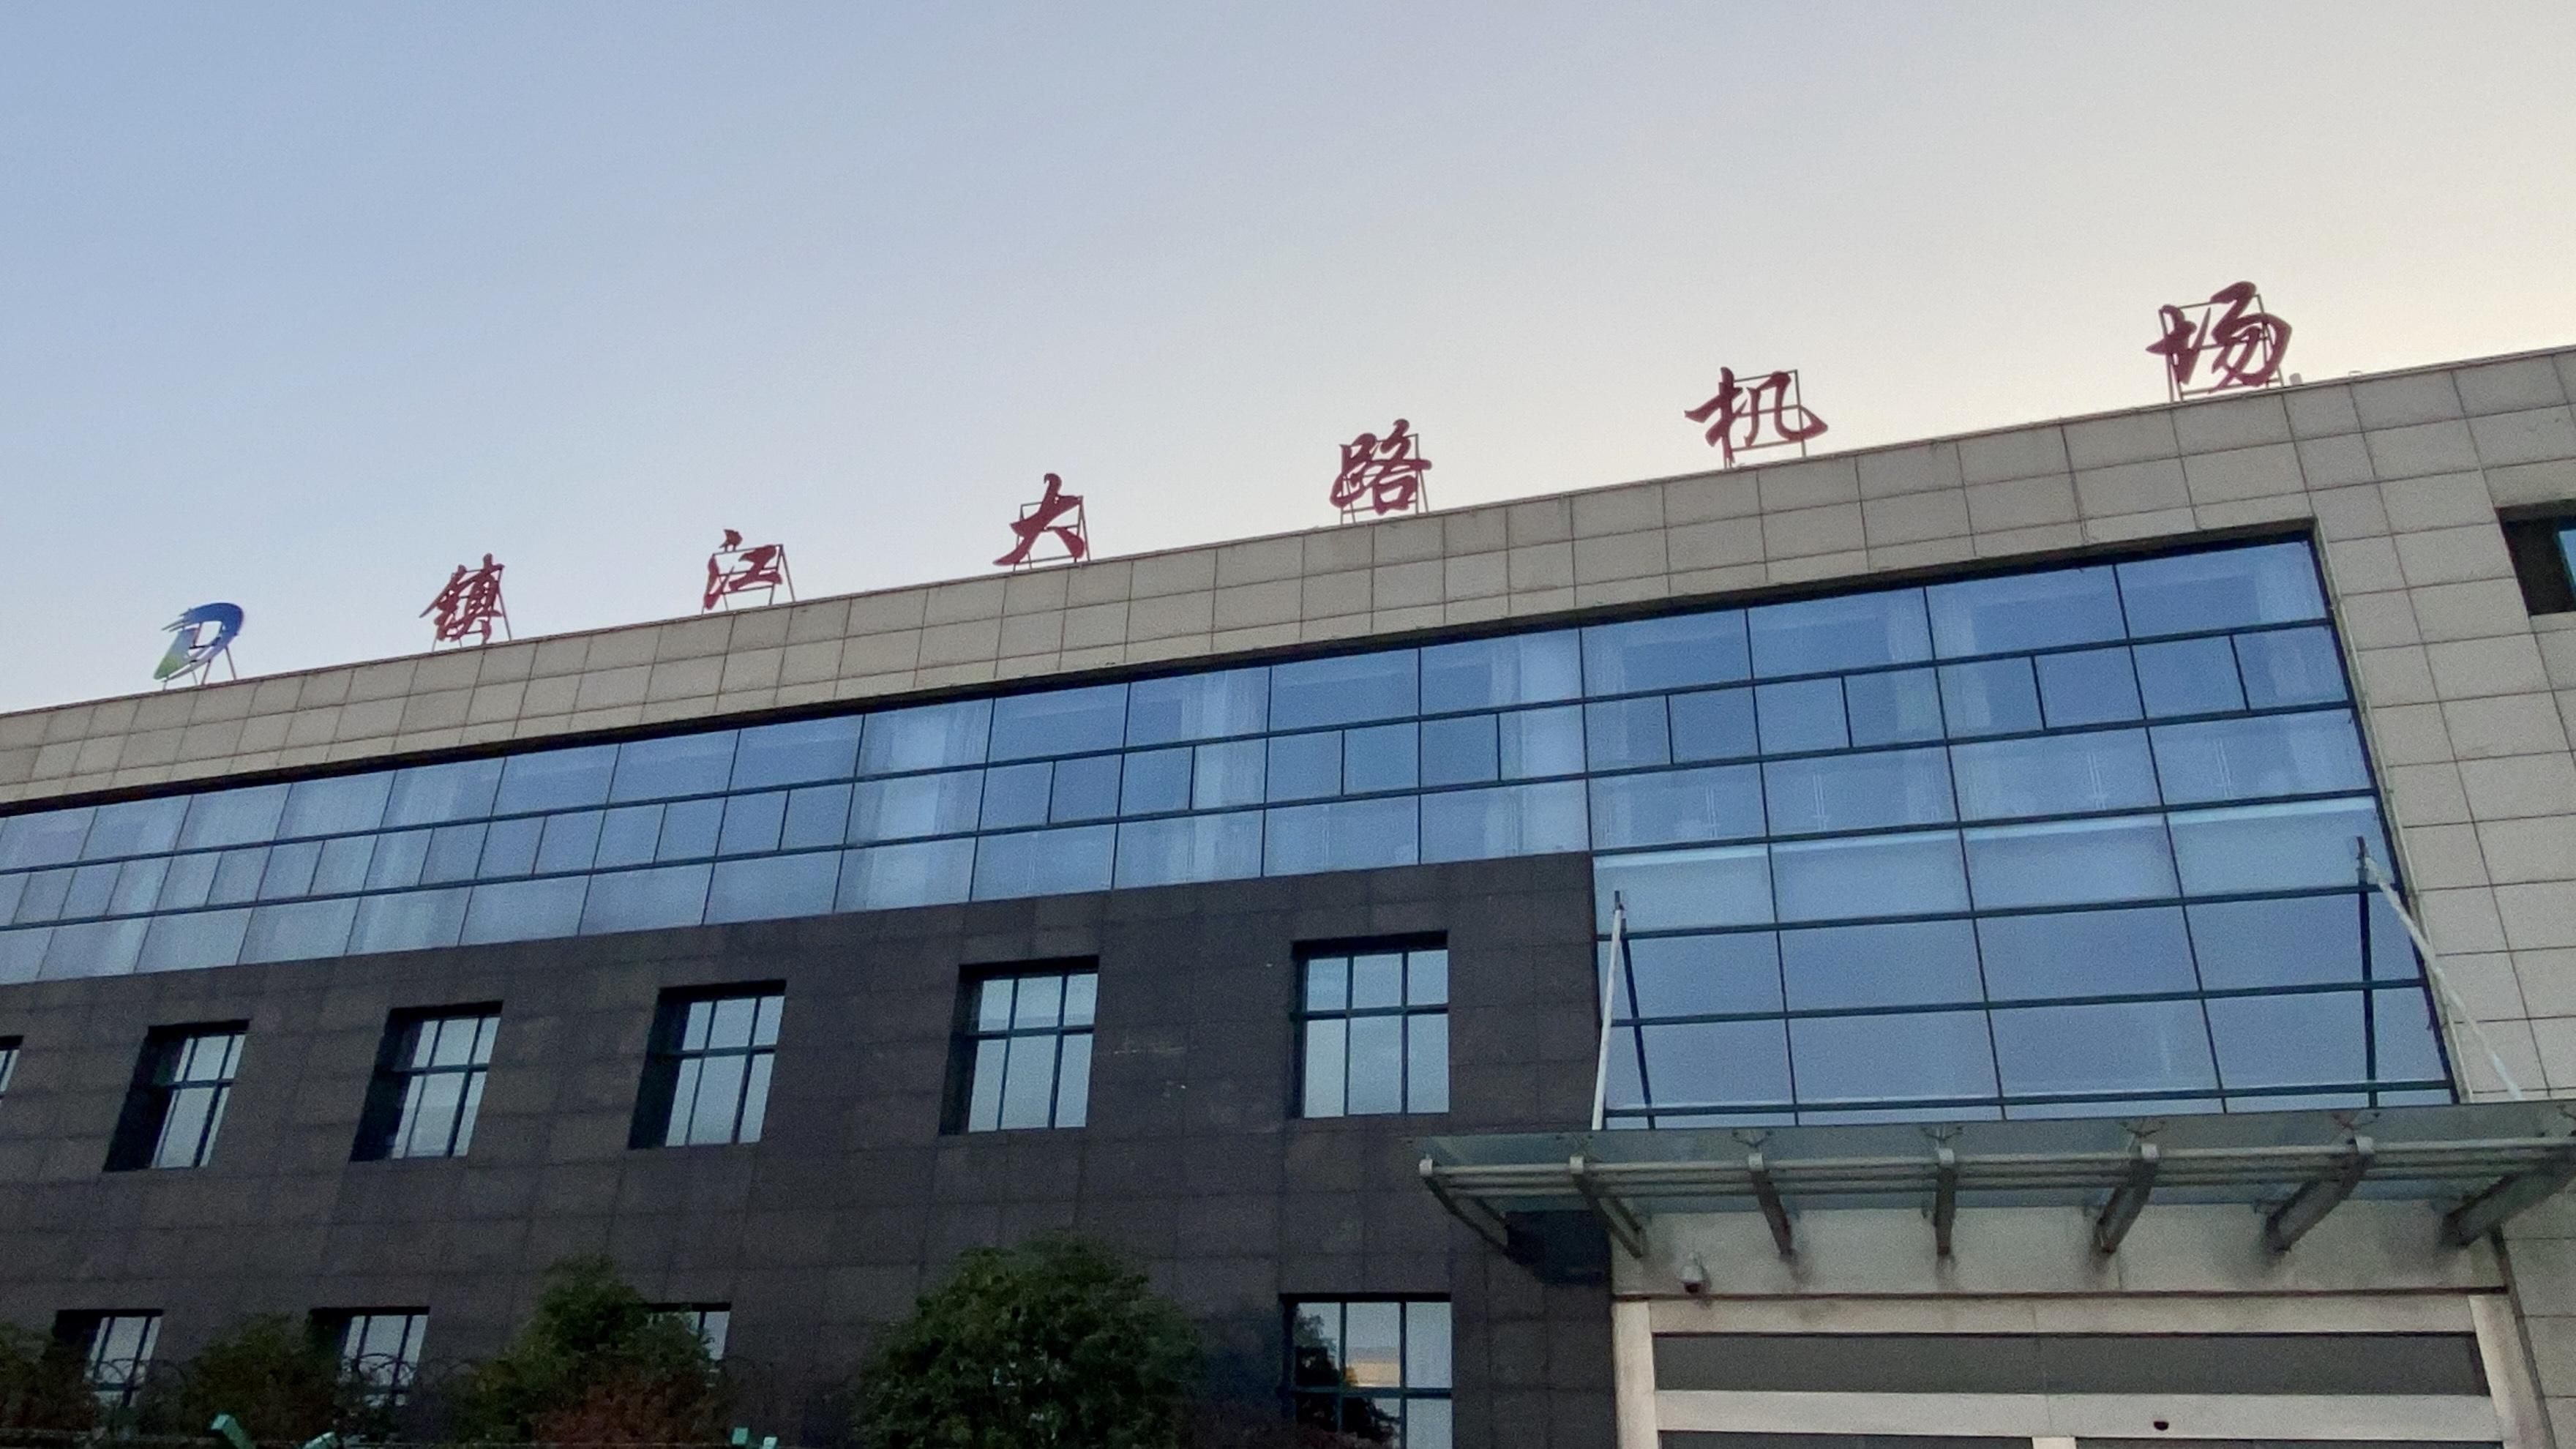 """感受""""雄鹰风采""""!海外网带你走进镇江航空航天产业园"""